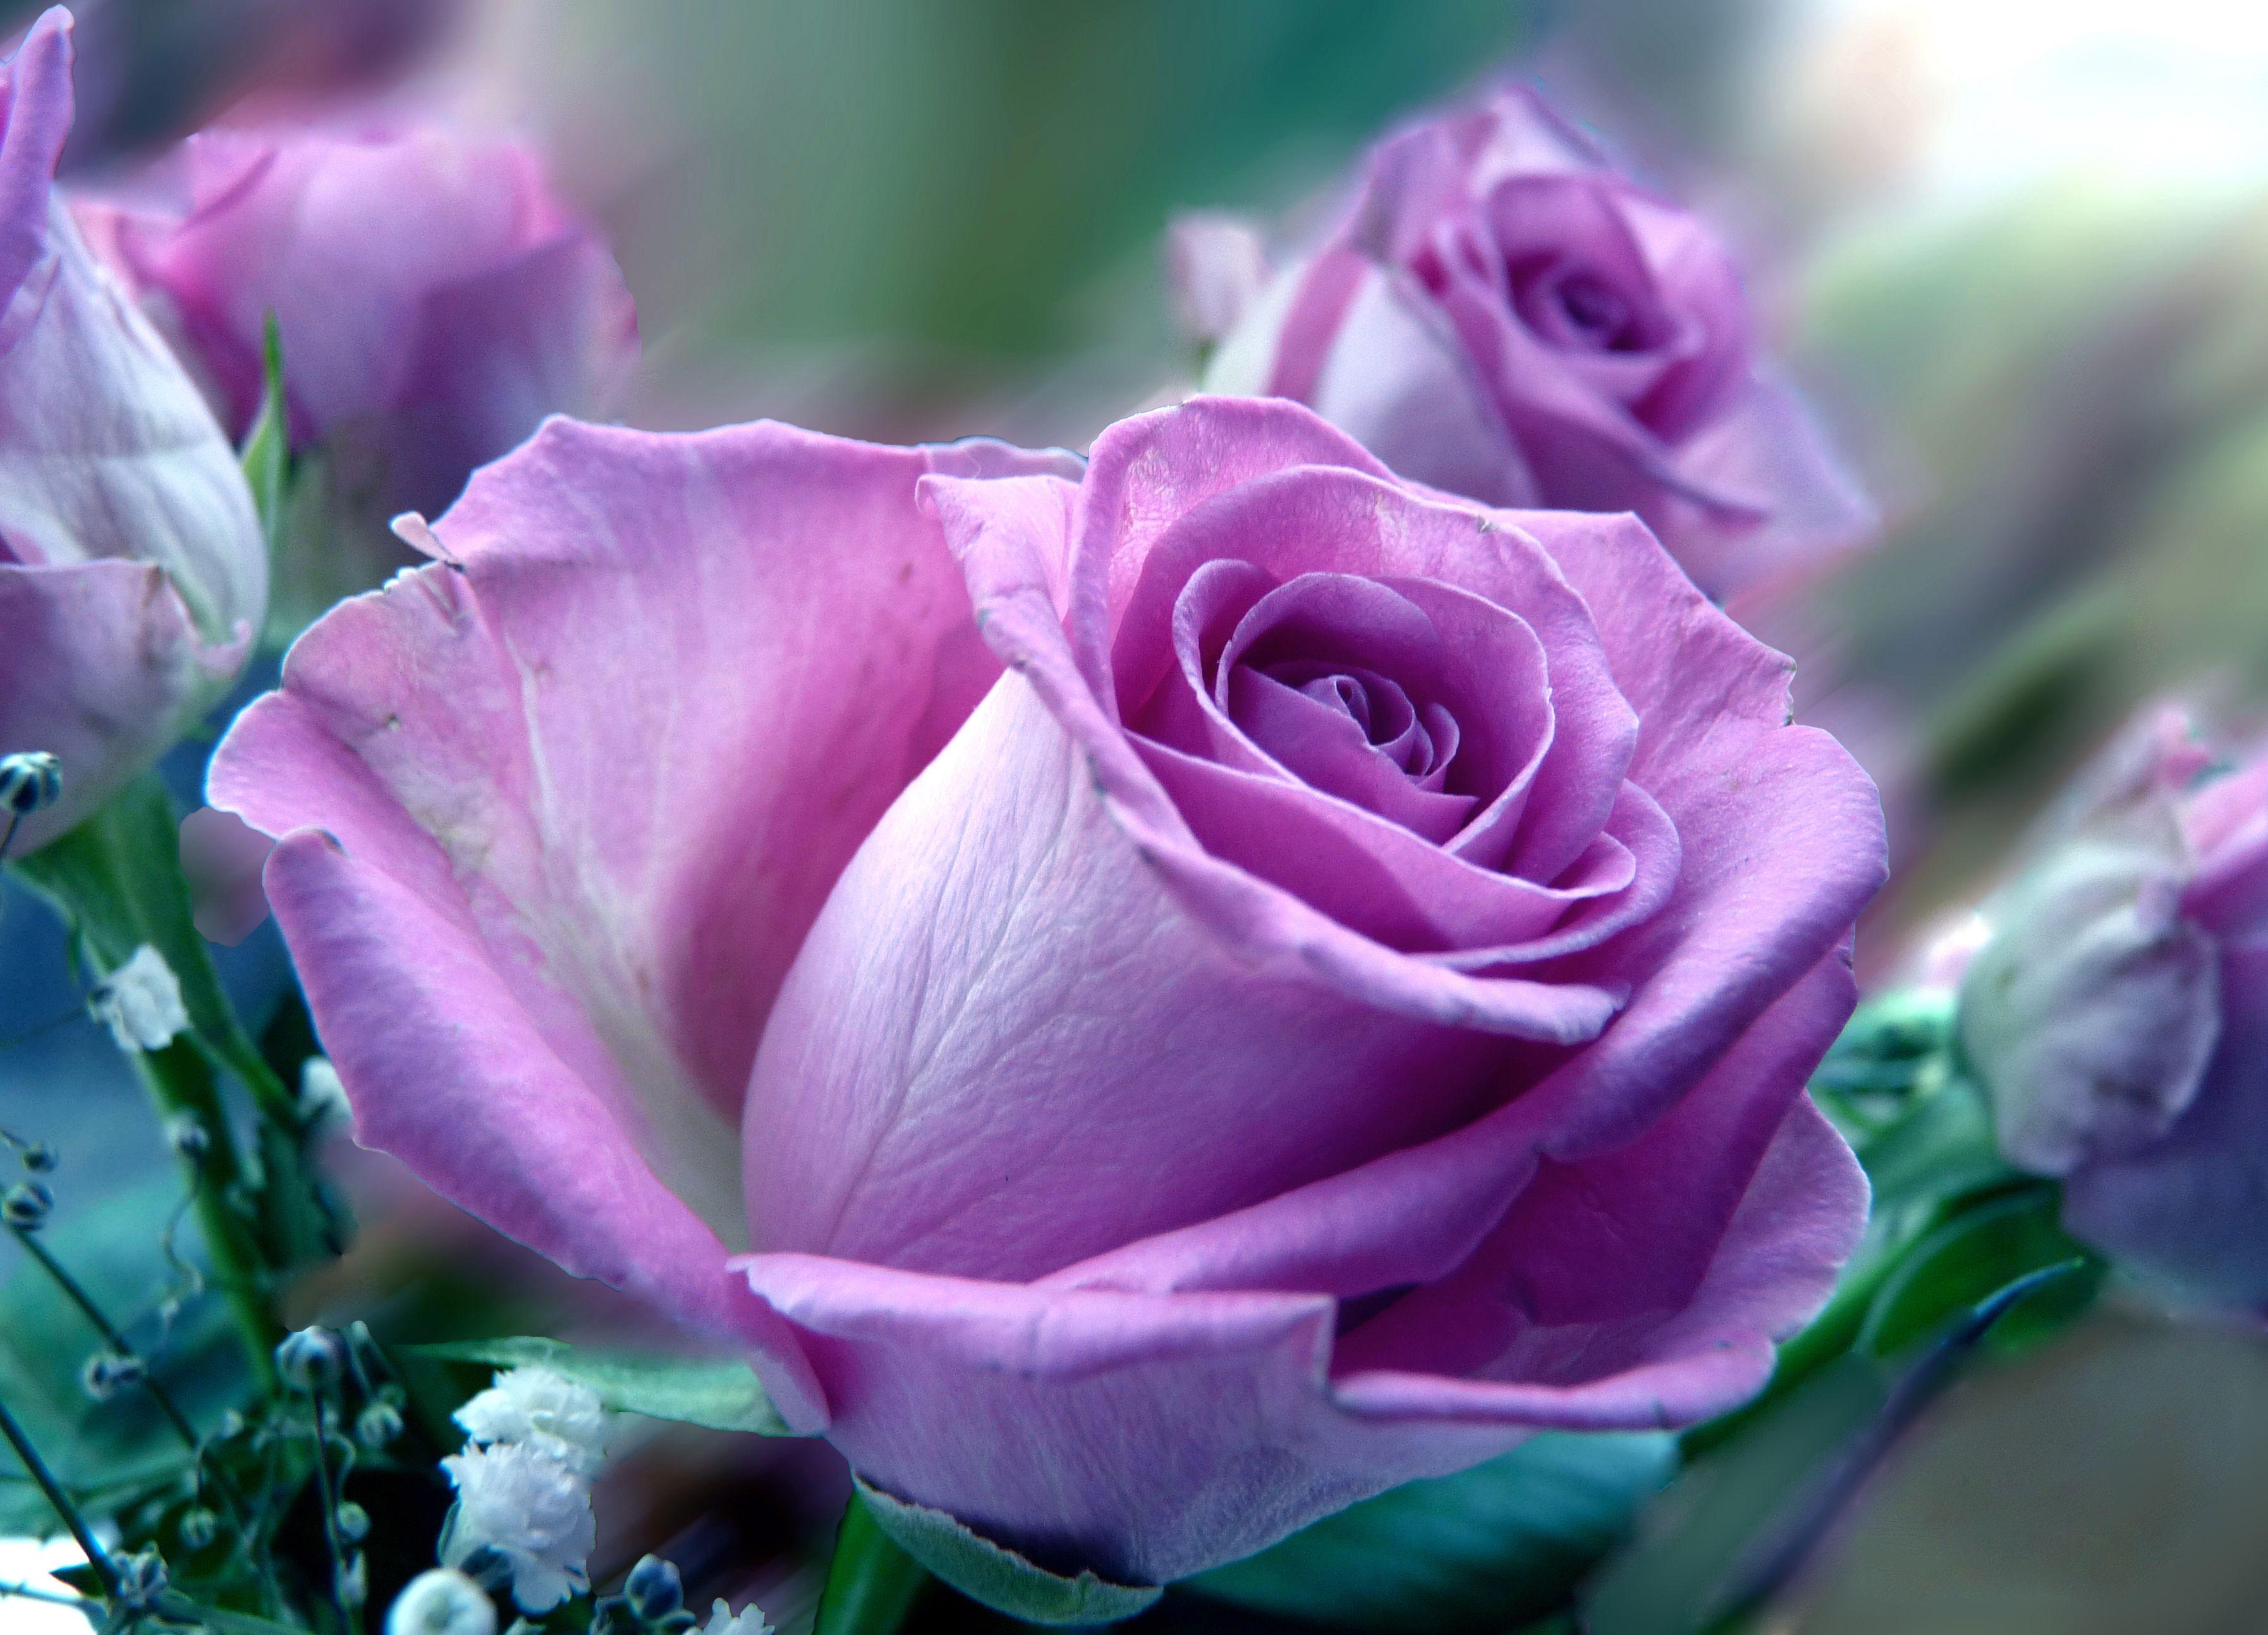 بالصور اجمل صورة وردة , ورود جميله هديه لحبيبتك 42871 5